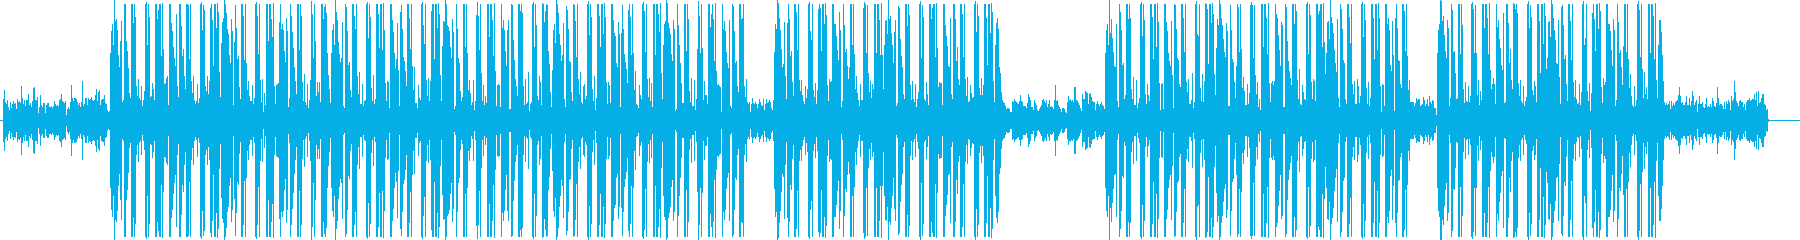 トラップ、ヒップホップ、ローファイ♫の再生済みの波形